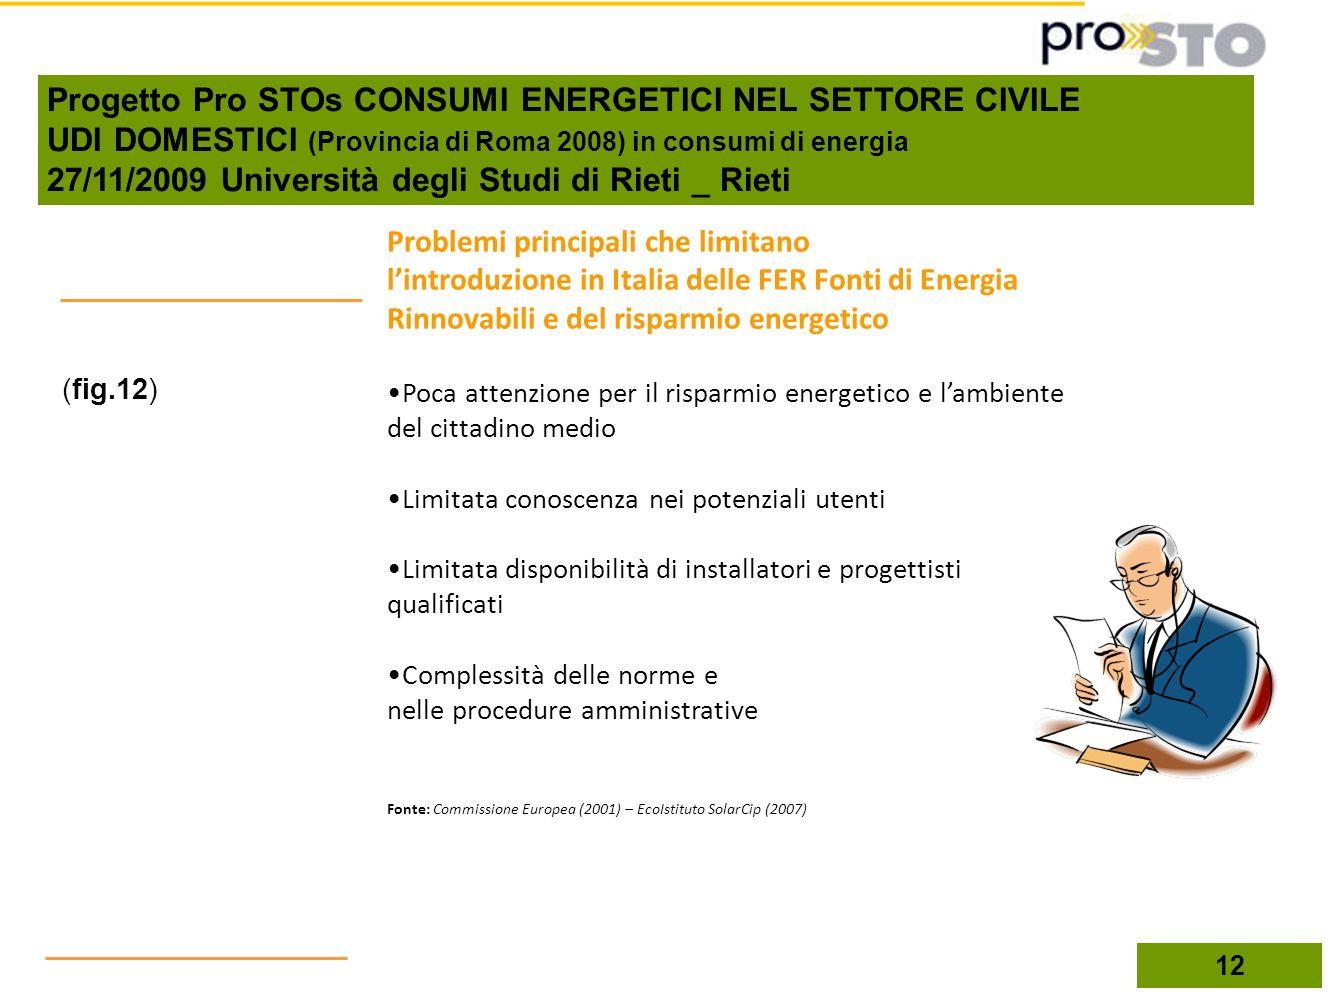 Progetto Pro STOs CONSUMI ENERGETICI NEL SETTORE CIVILE